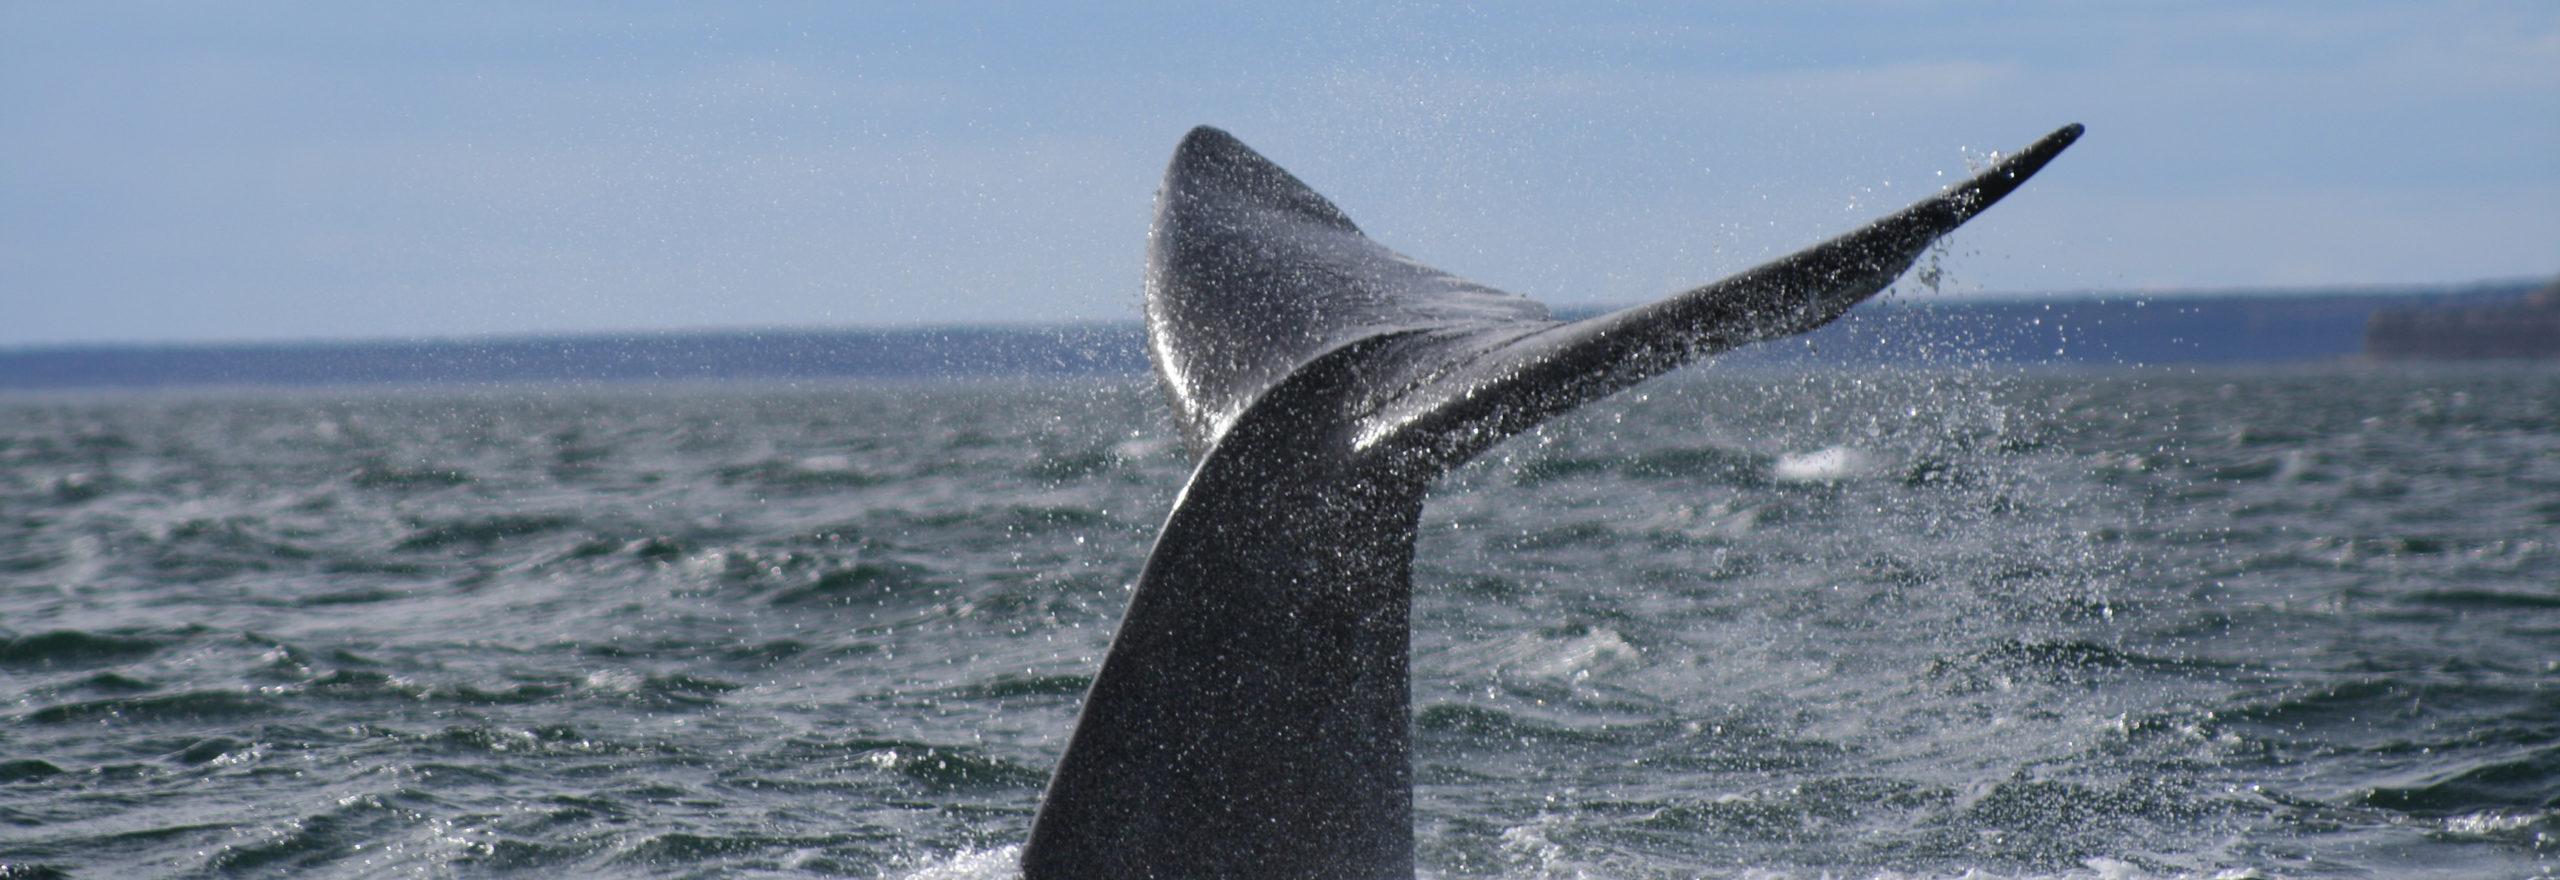 coda di balena franca